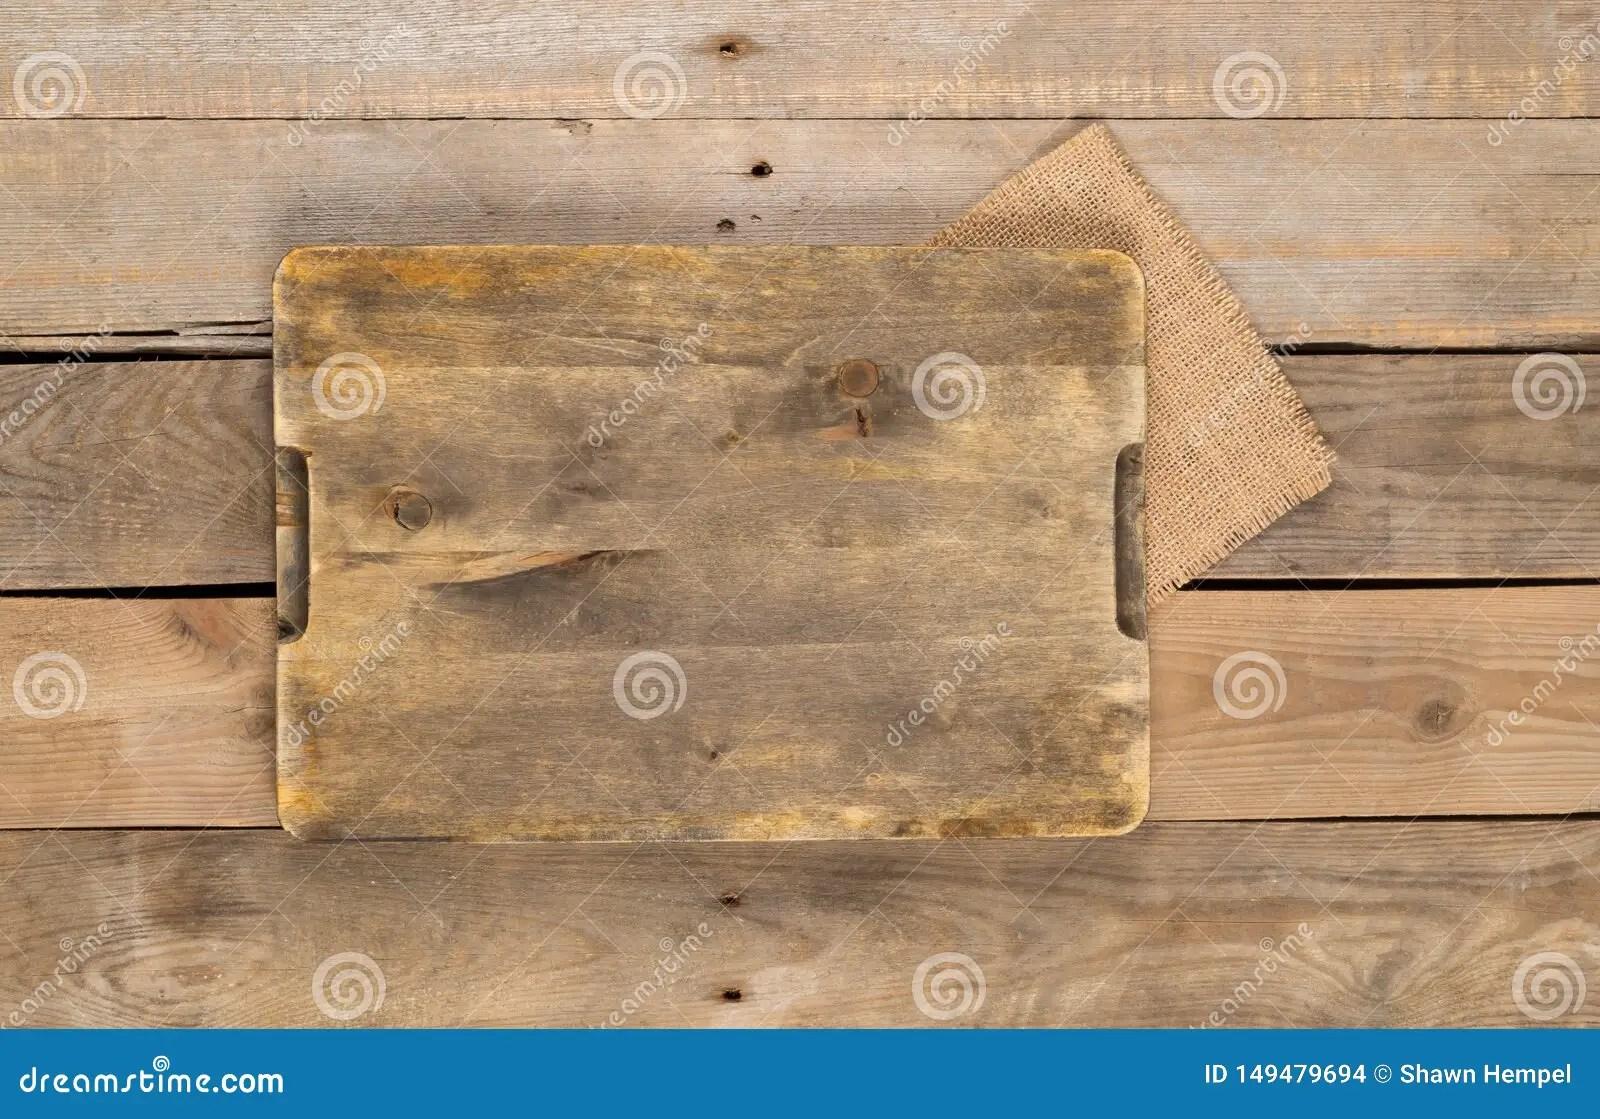 https fr dreamstime com planche d couper vide vue sup rieure fond en bois brun rustique table haut l espace copie image149479694